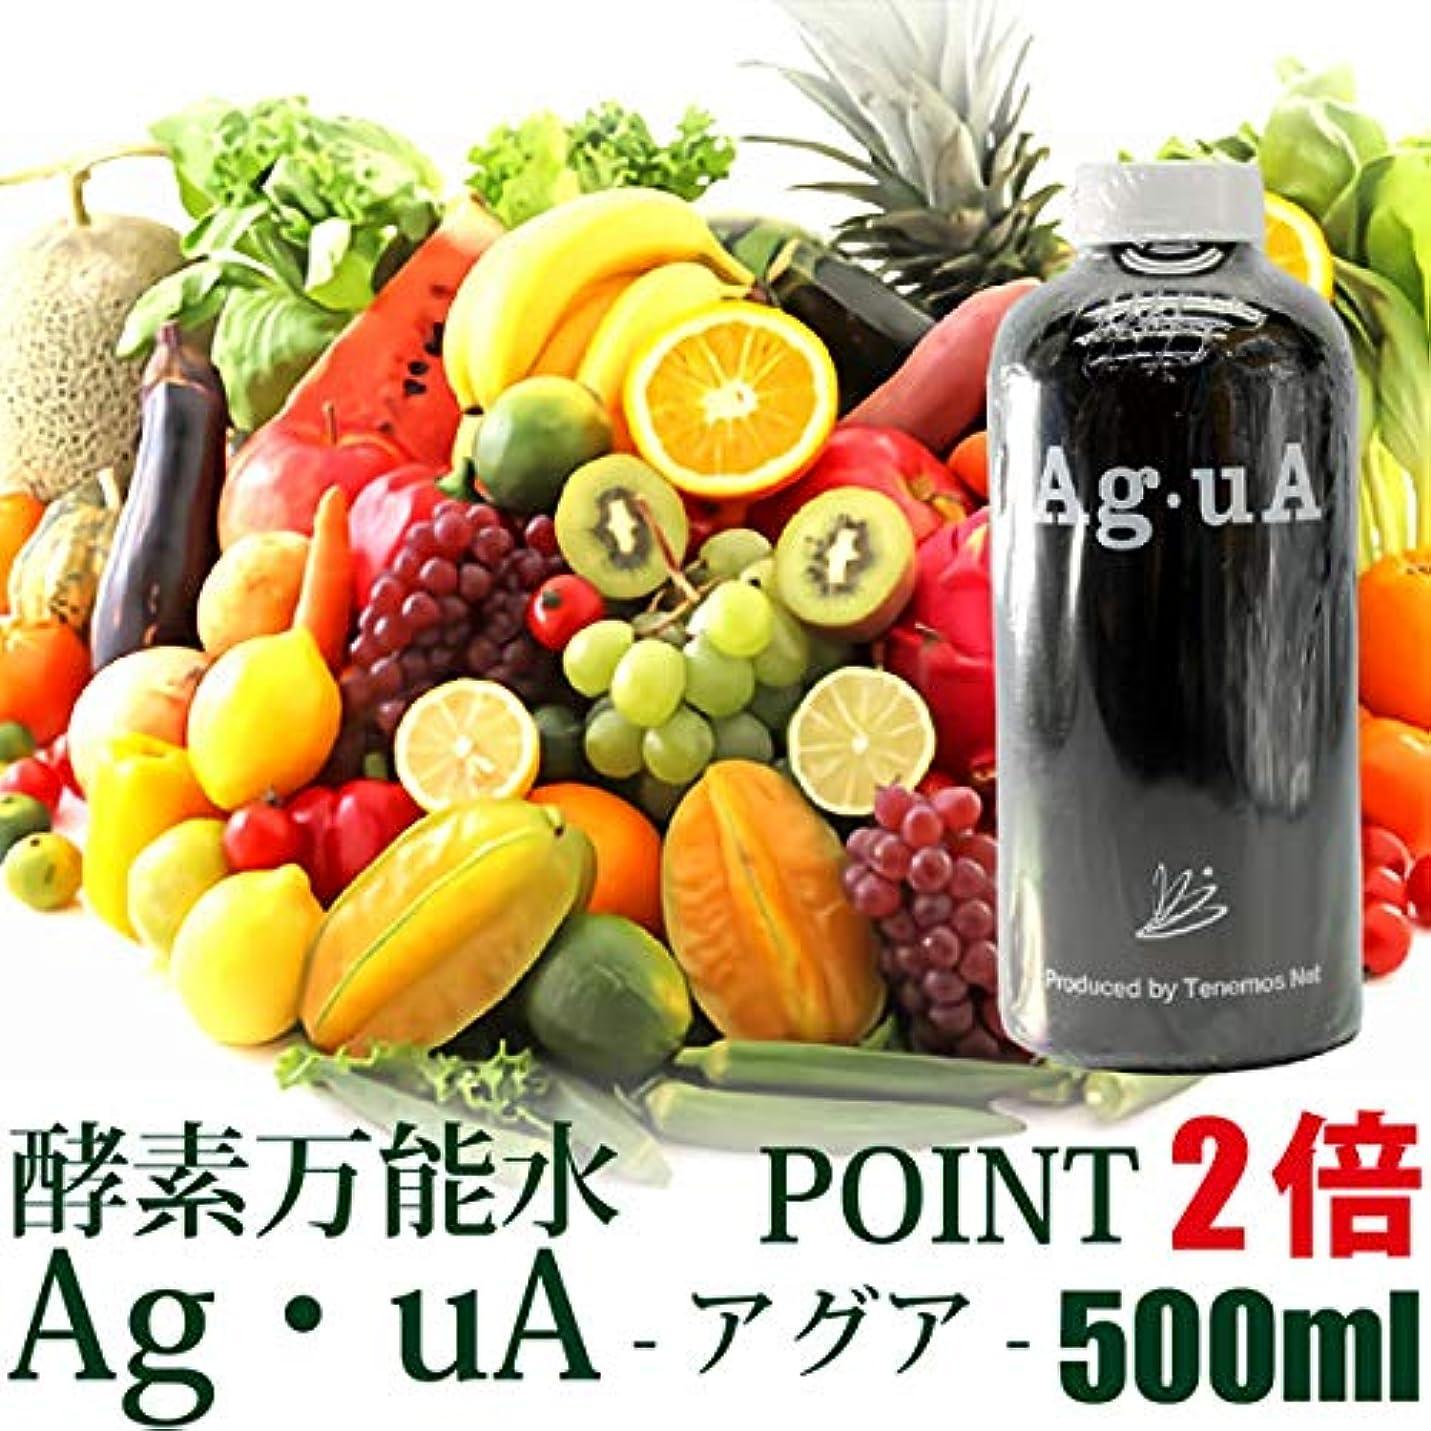 Ag?uA(アグア) 500ml 万能酵素水 テネモス